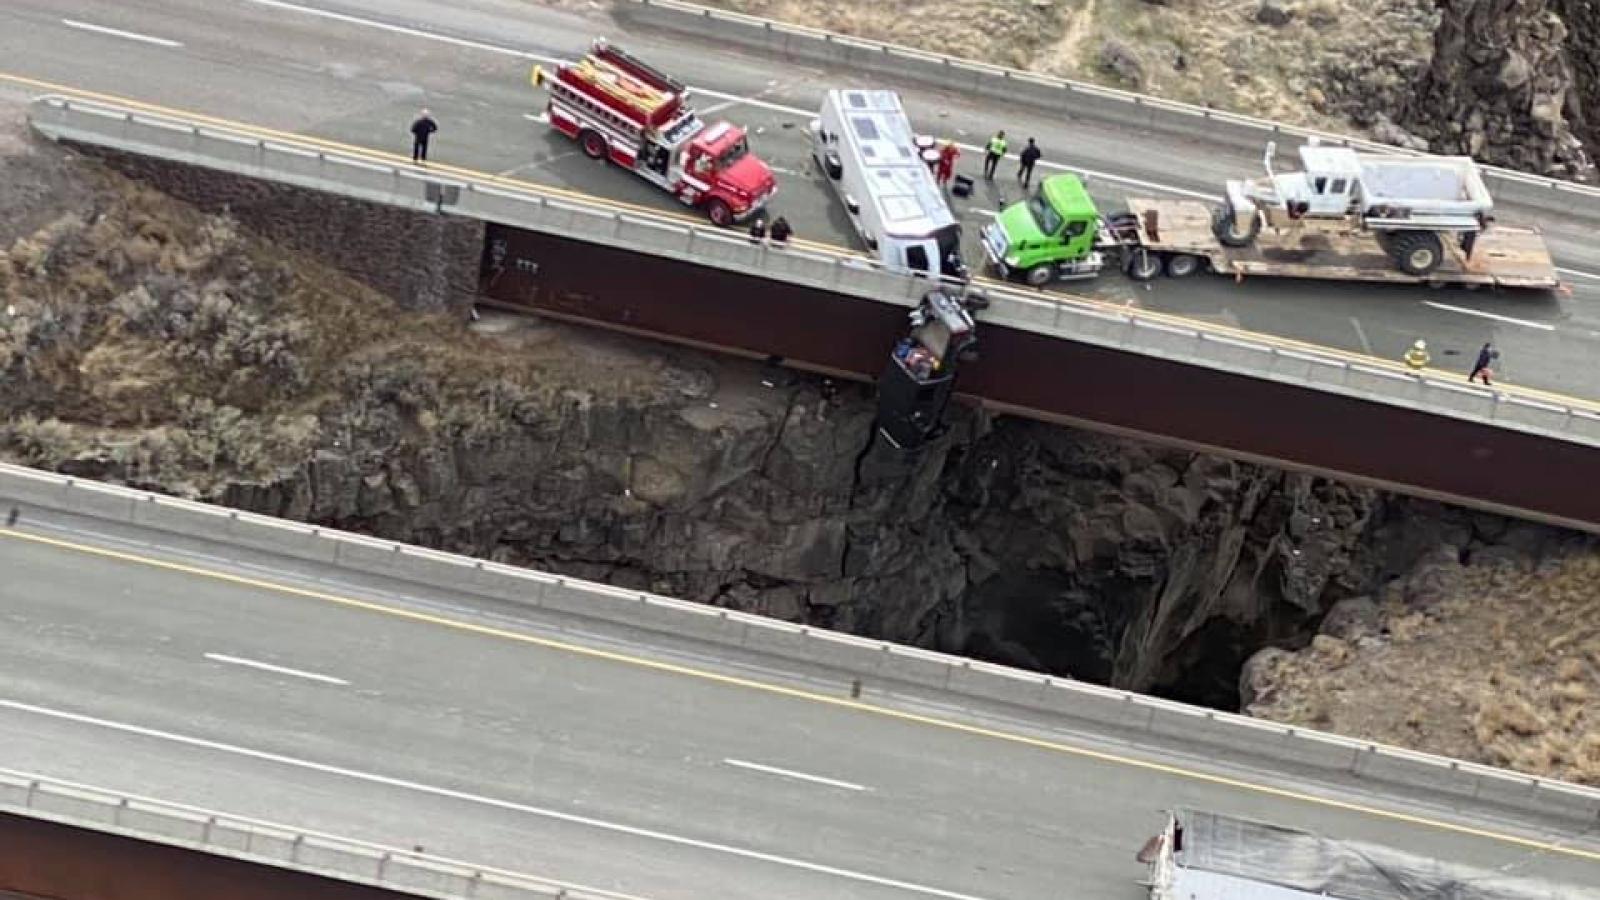 Xe bán tải treo lở lửng ở vách núi do mất lái